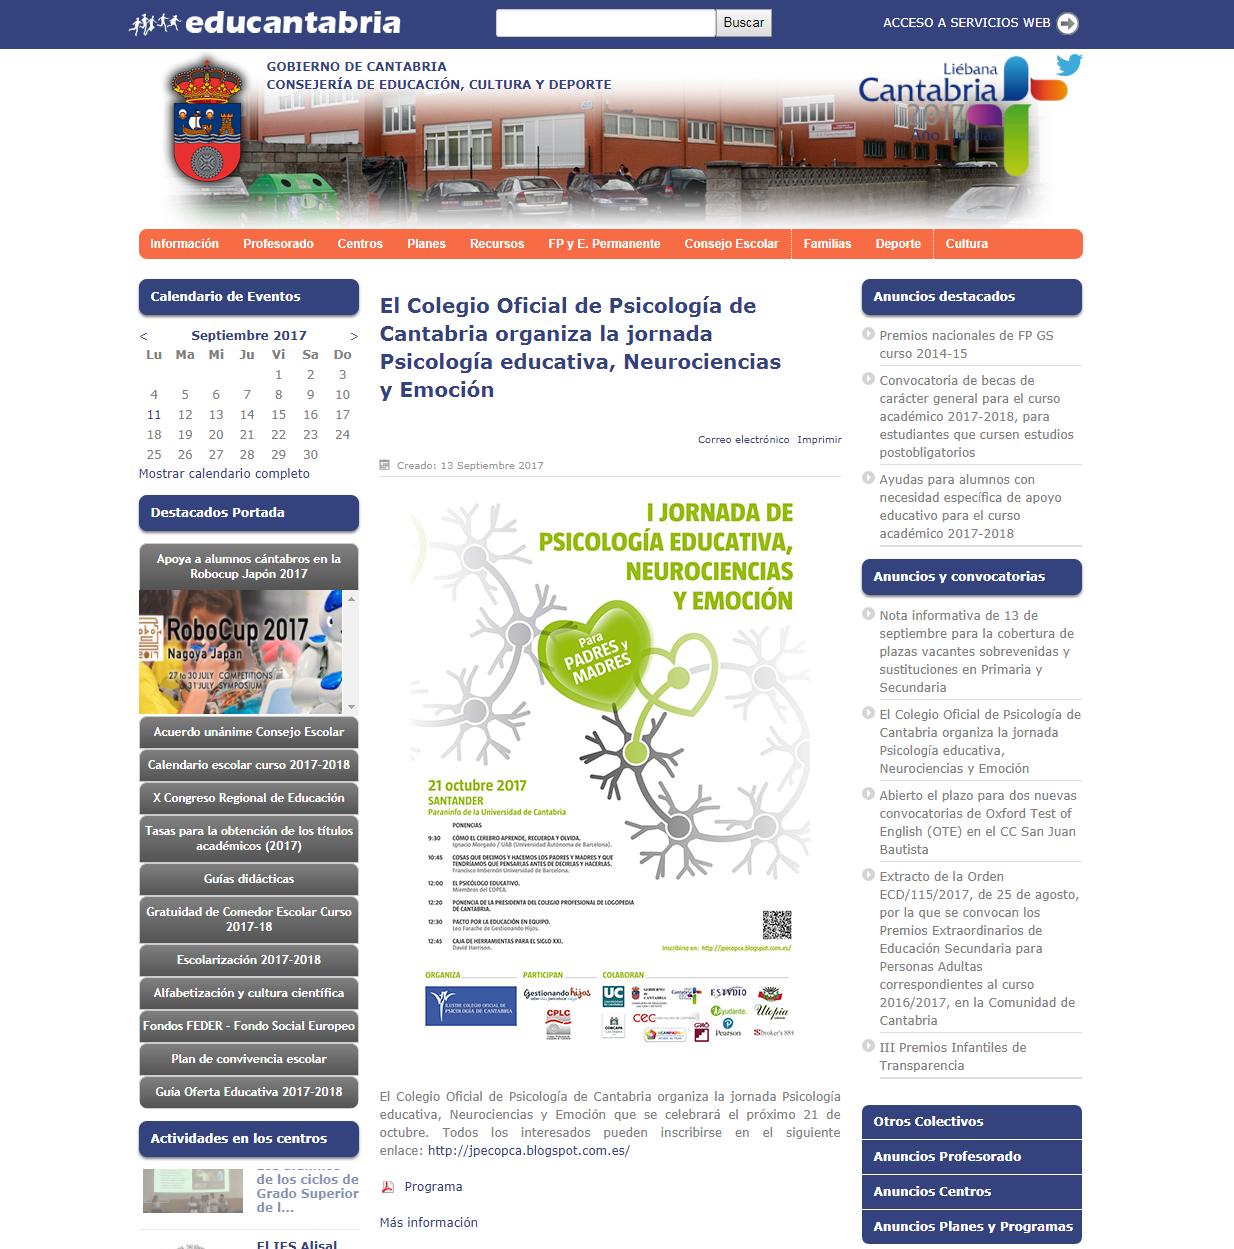 Noticia en el portal Educantabria